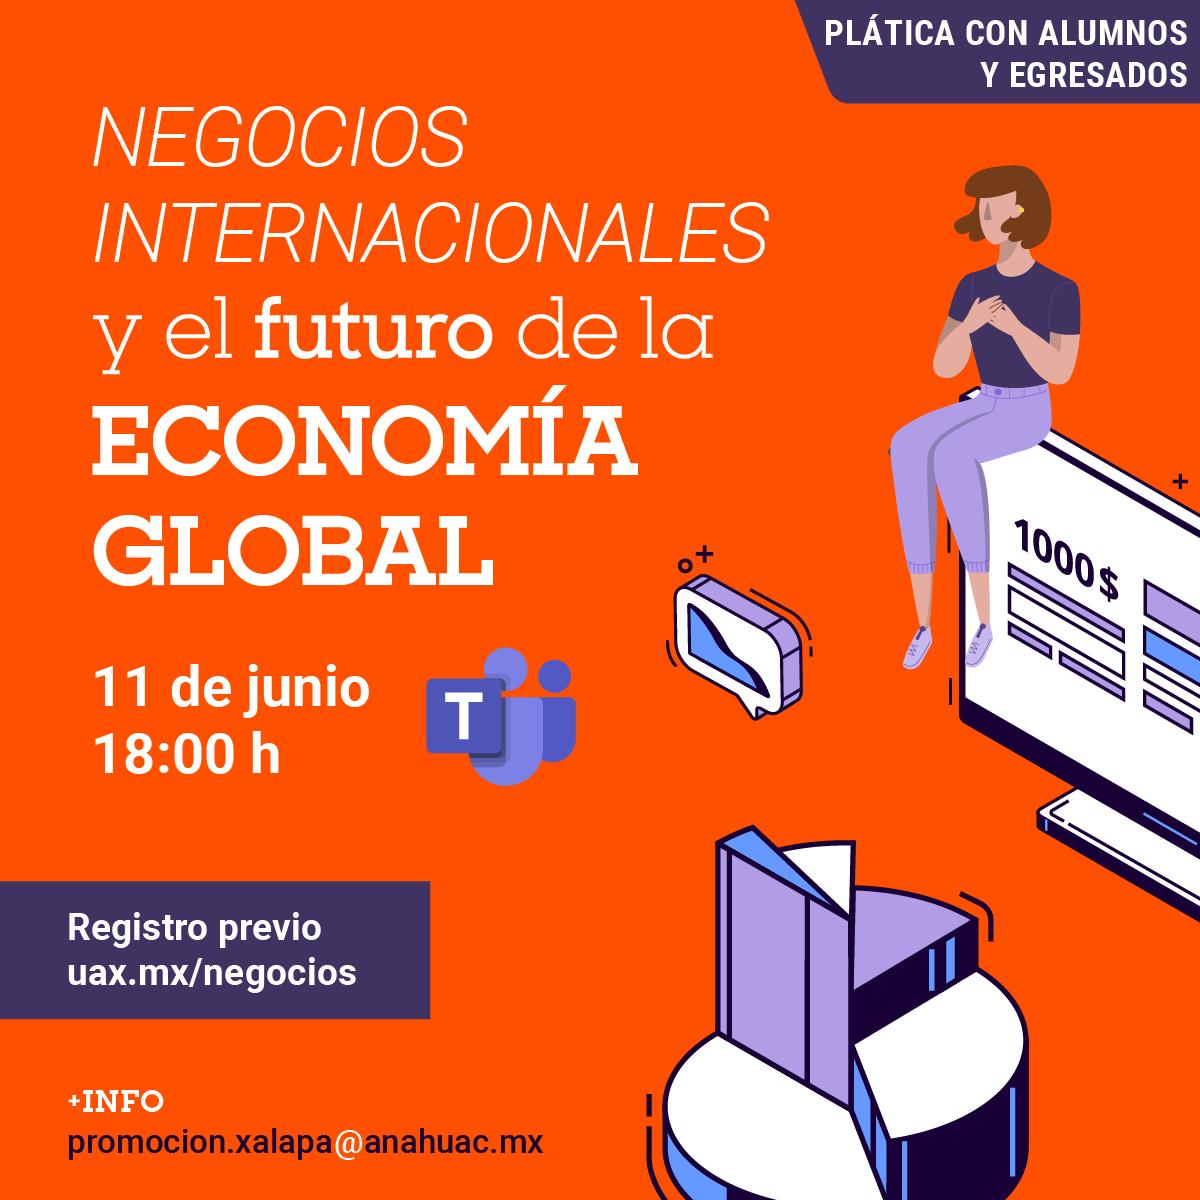 Negocios Internacionales y el Futuro de la Economía Global